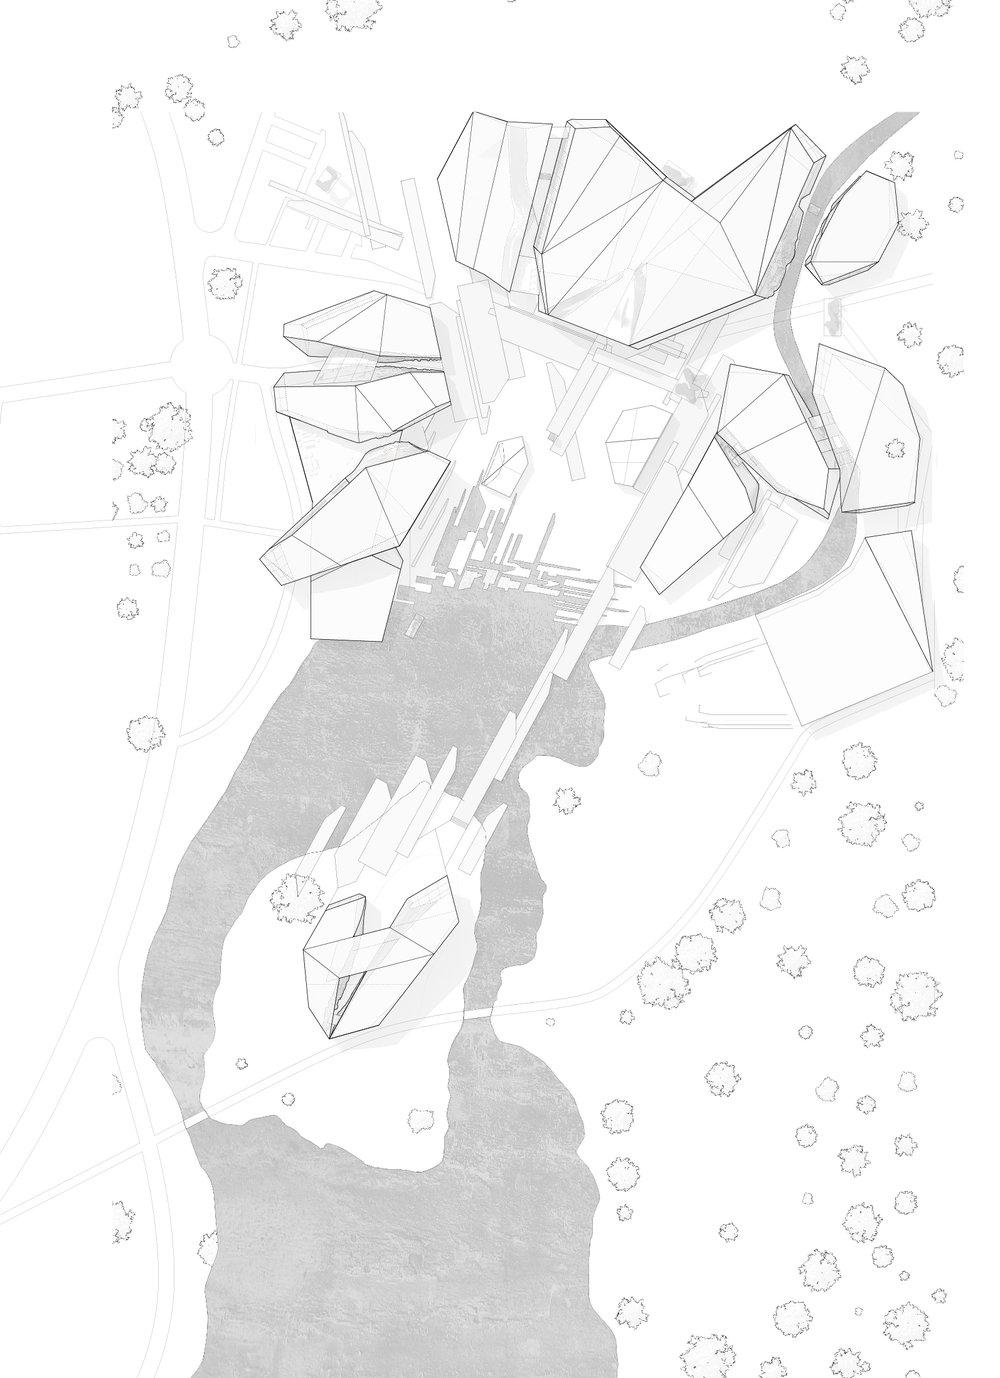 Web_Drift_topview_ss17 crop.jpg